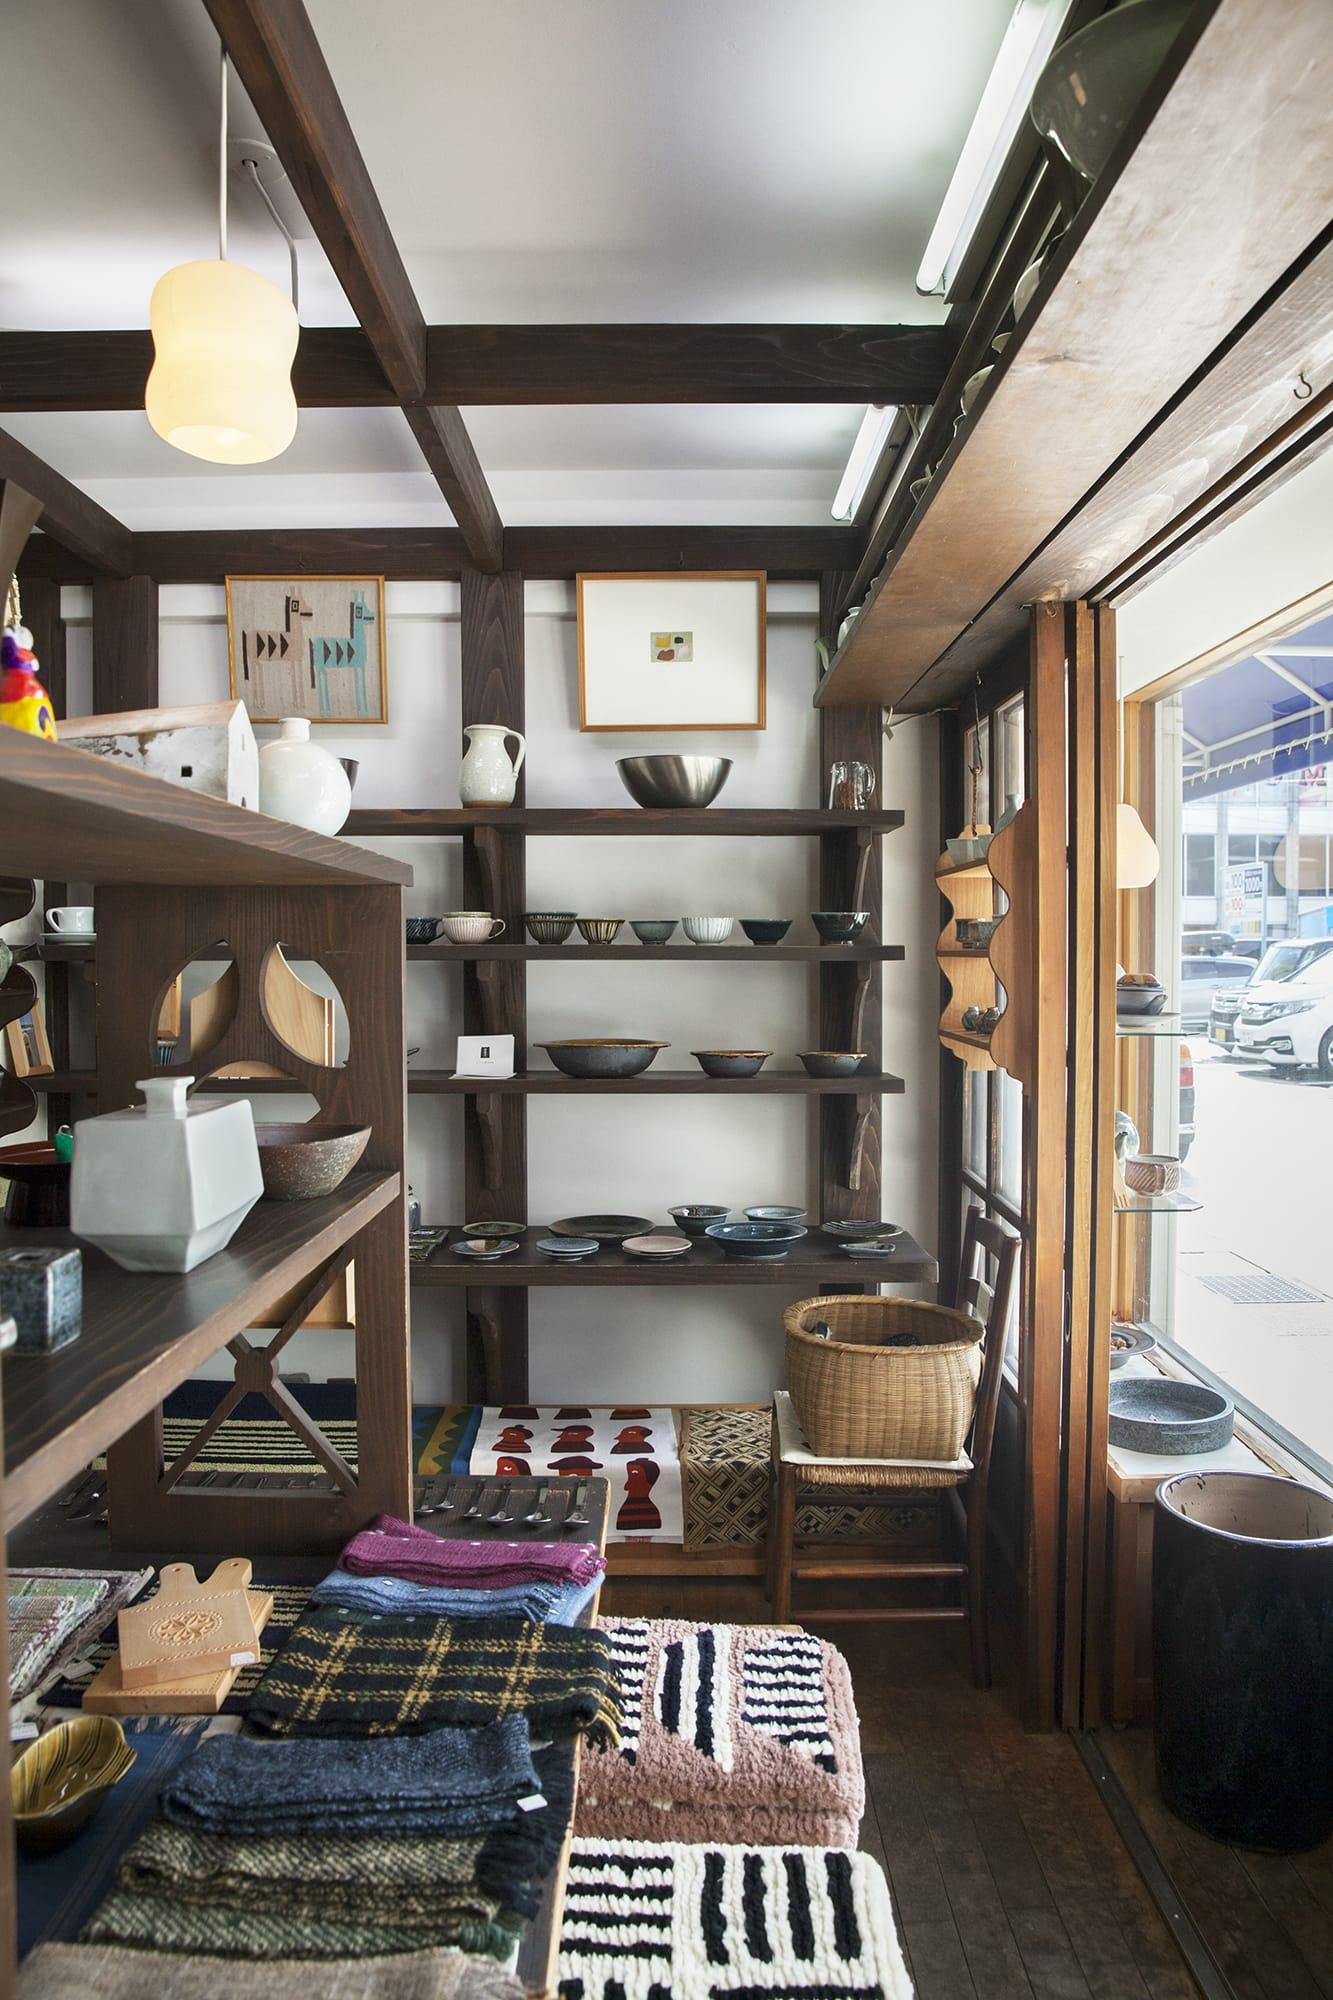 店内には、岩井窯の山本教行さんのうつわや、河井一喜さん・達之さんのうつわ、柚木沙弥郎さんの型染布、若手の吹きガラス作家が手がけたグラス、富山の土人形、近くに住む織作家・豊田栄美さんによる手織りのマフラーや風呂敷、フードデザイナーのたかはしよしこさんが富山の食材からつくった調味料、林さんが手がけた鋳物の干支シリーズなどが並んでいる。